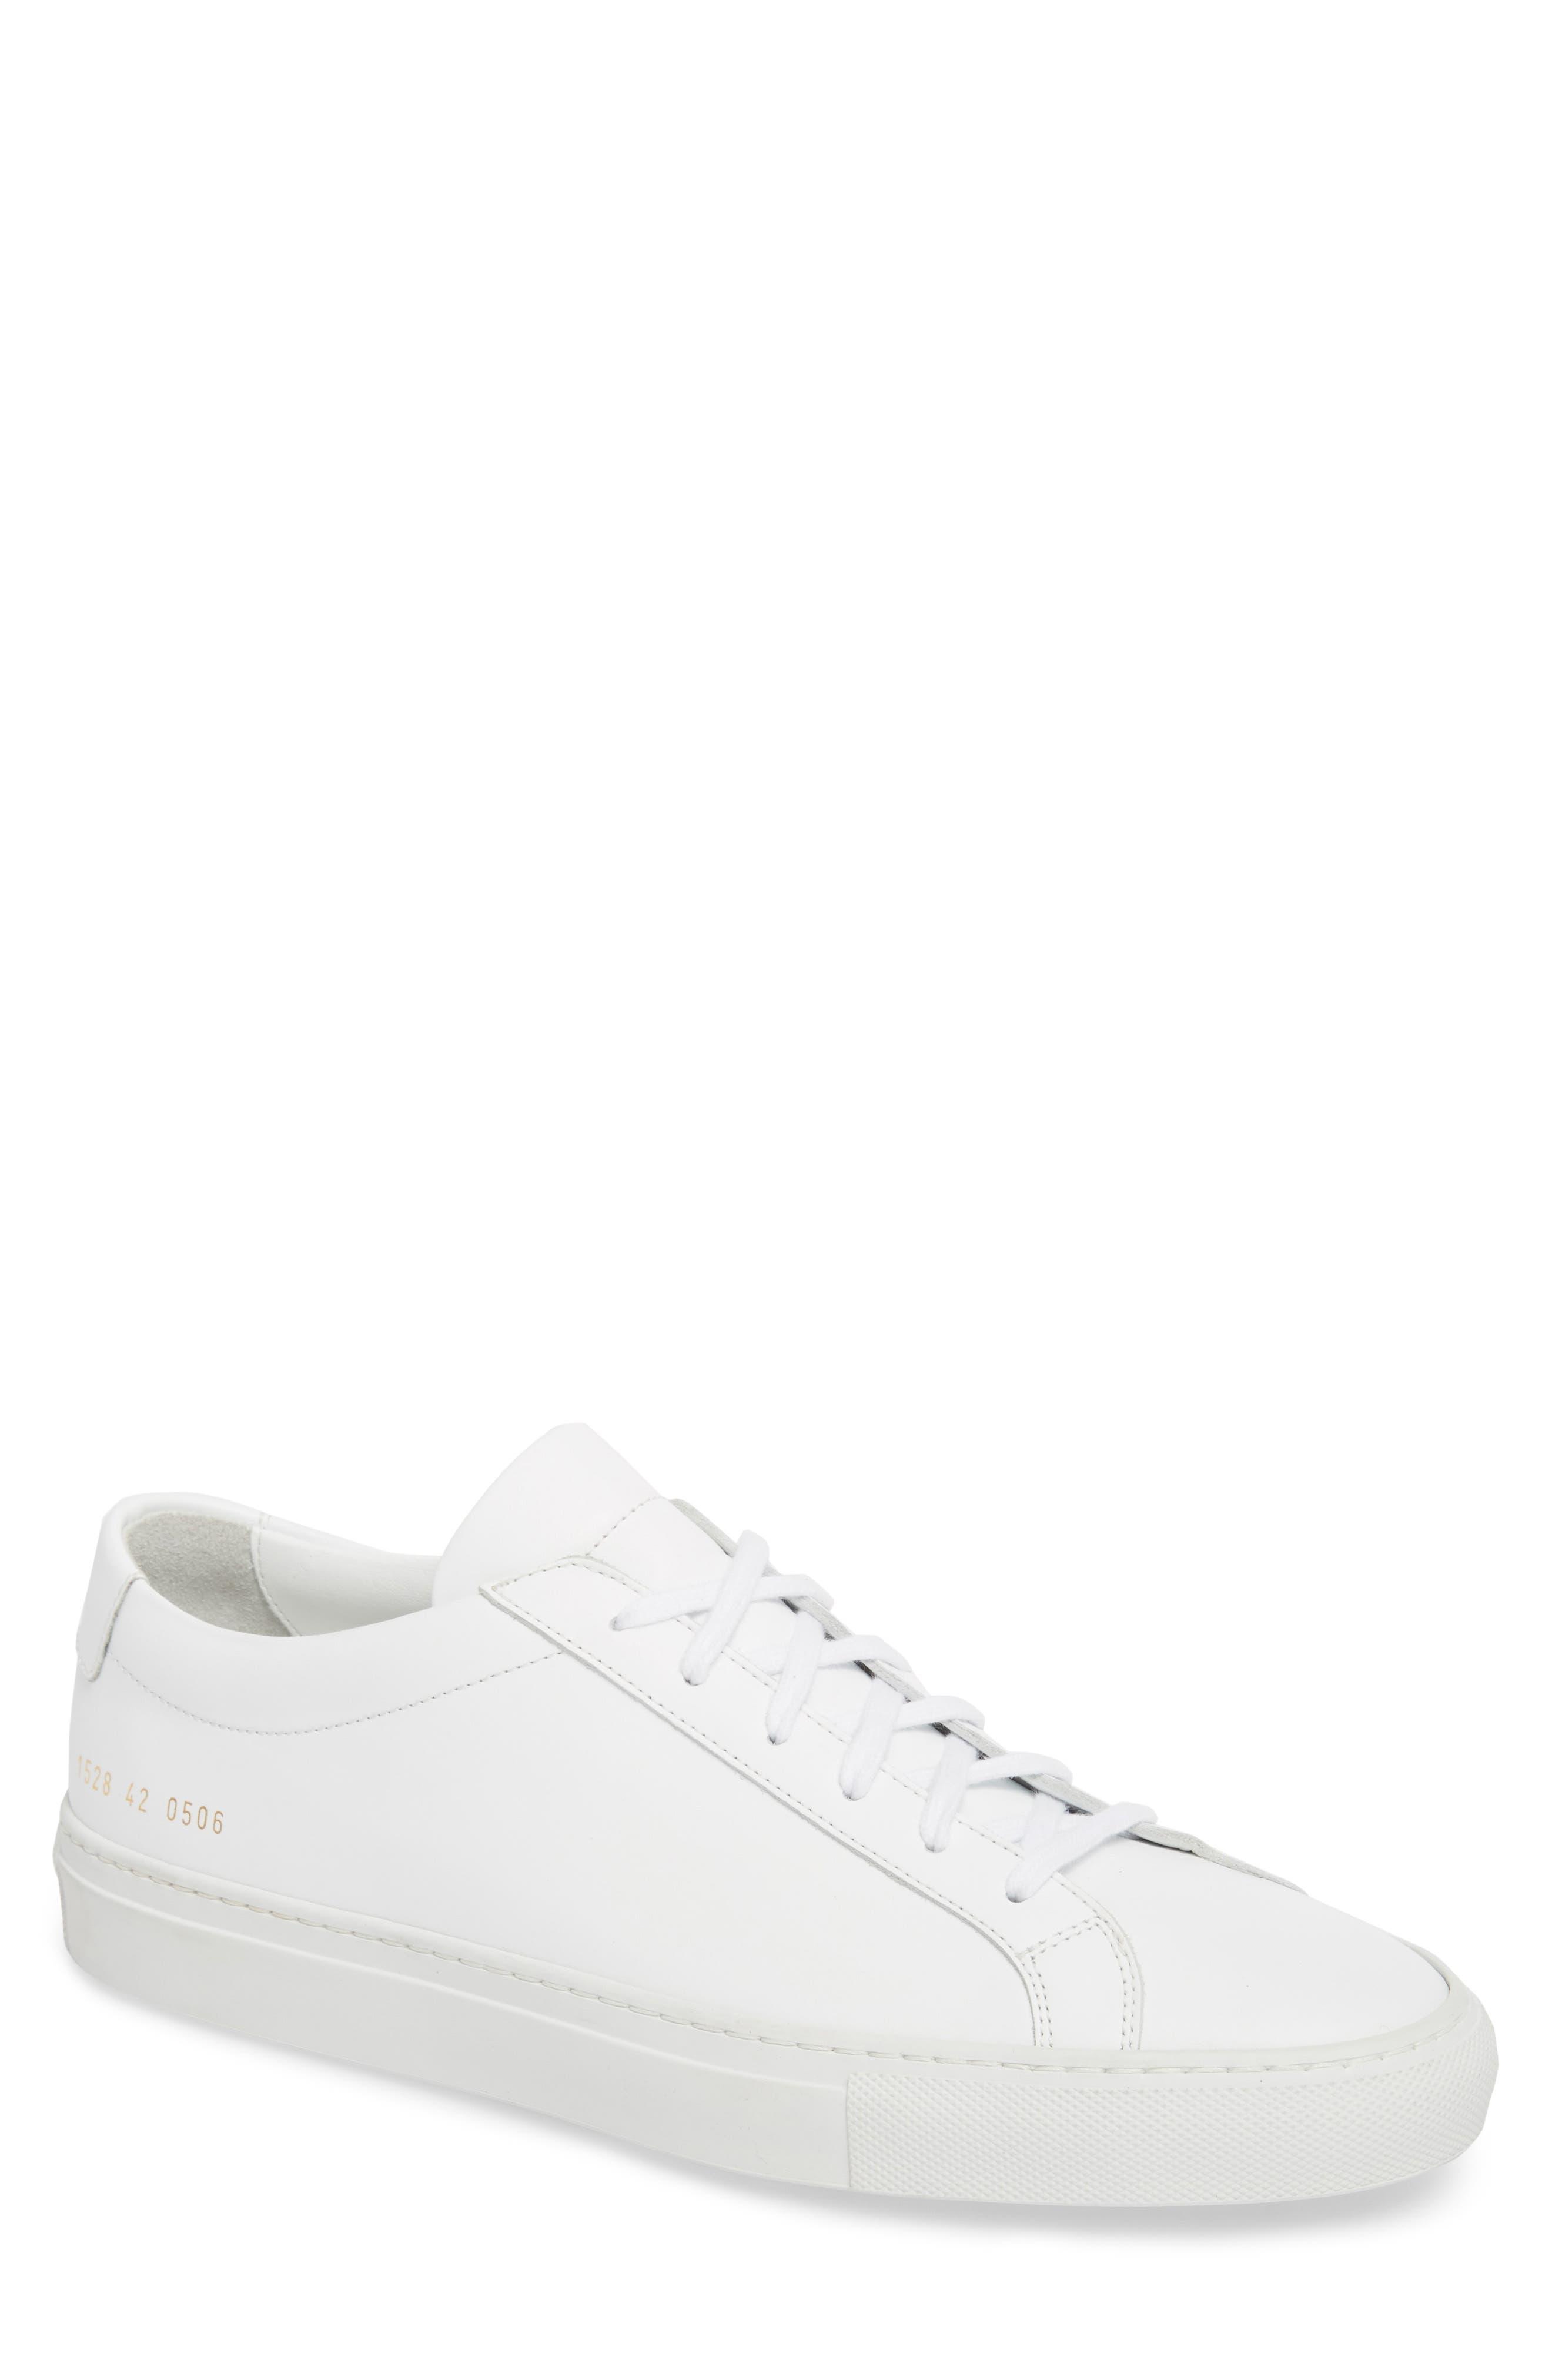 Men's All-White Sneakers   Nordstrom